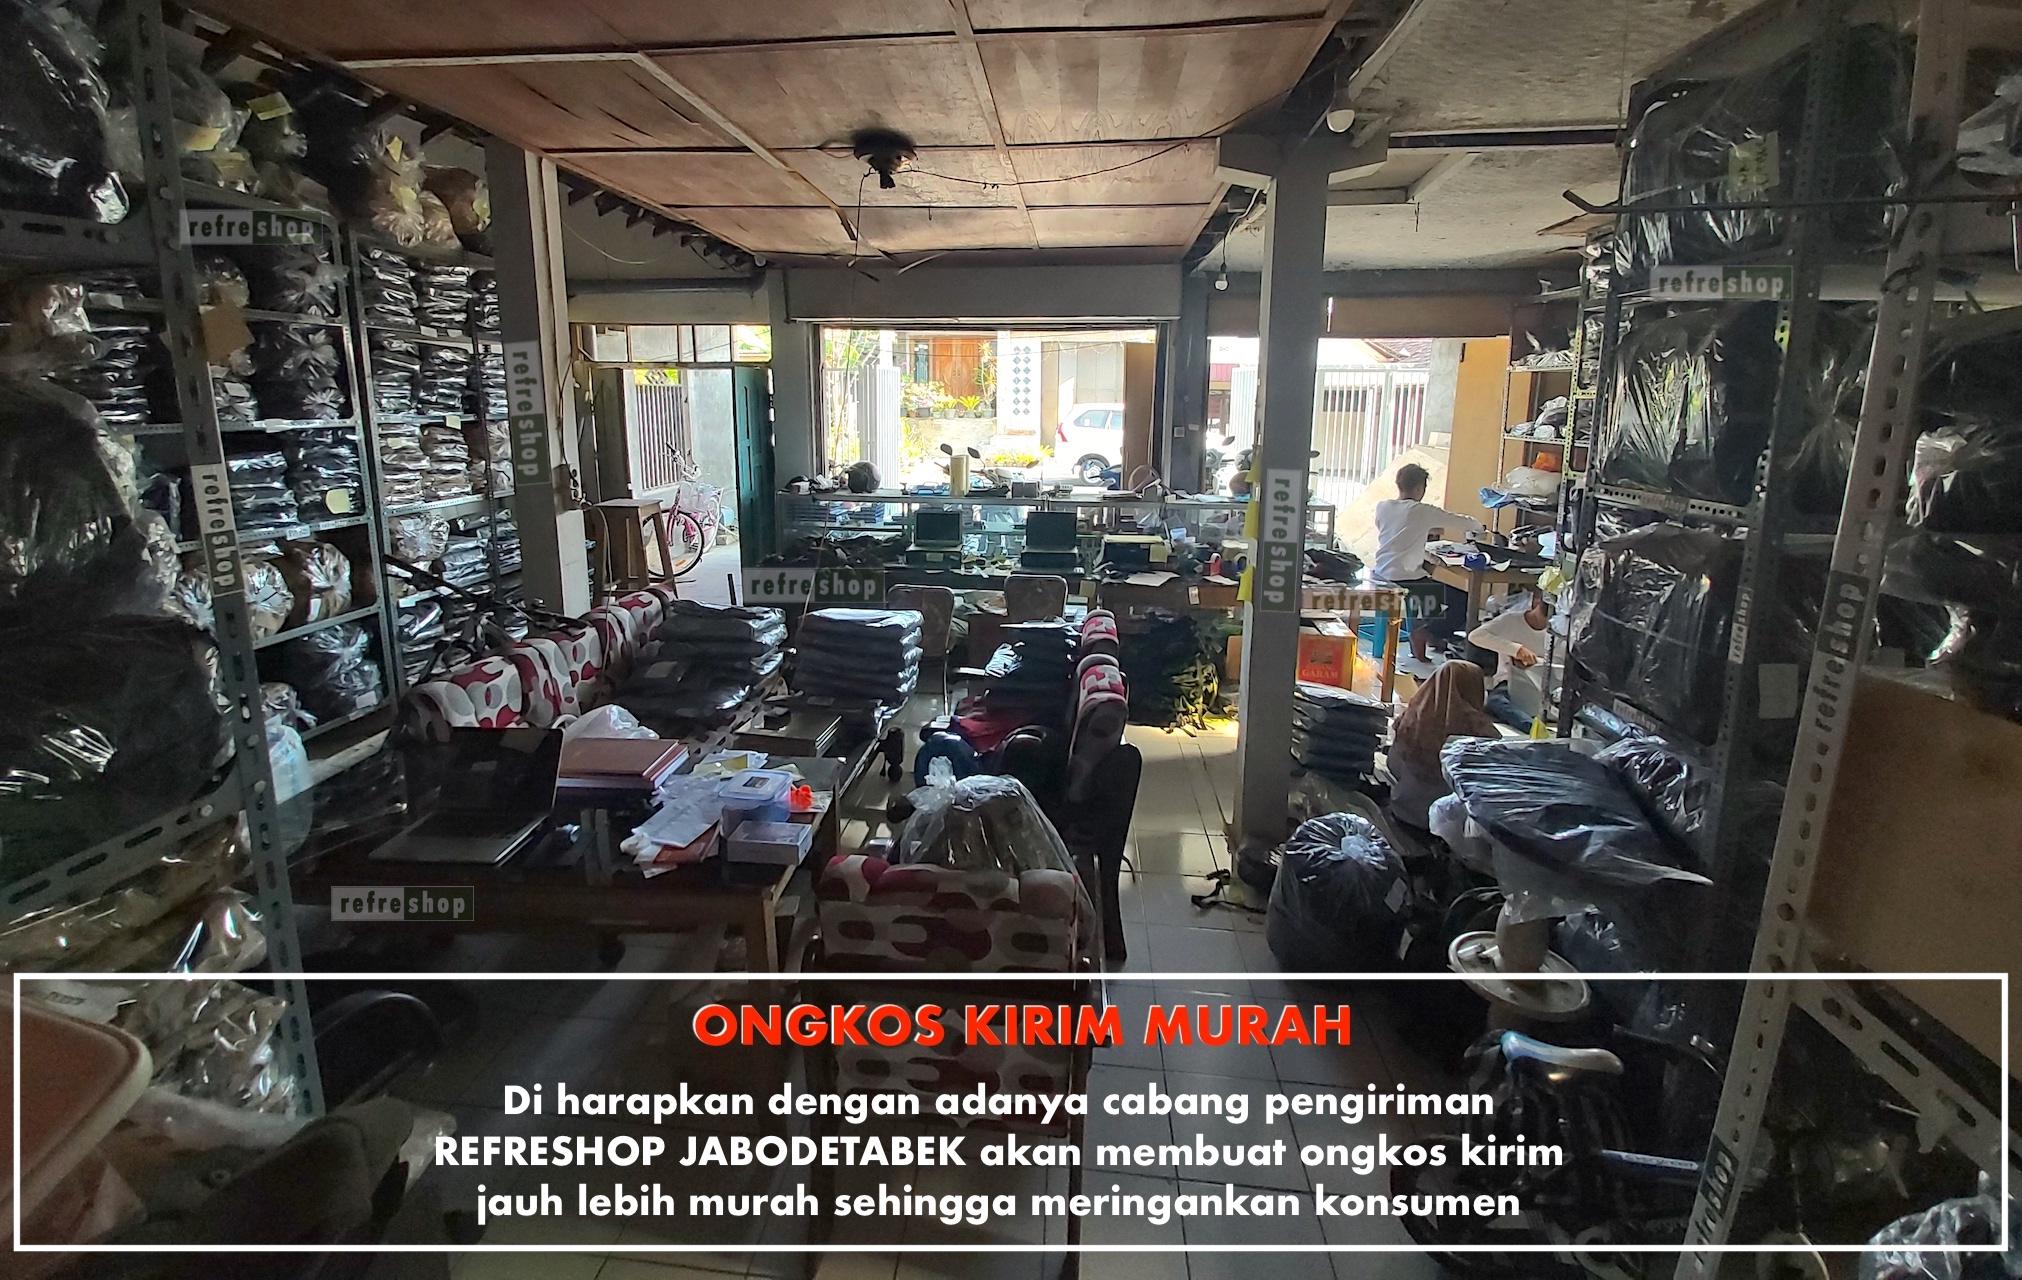 Selain itu, Refreshop Tulungagung Membuka Cabang Jabodetabek Agar Ongkos Kirim Ke Area Jakarta, Depok, Tangerang, Bogor, Bekasi dan sekitarnya bisa lebih murah